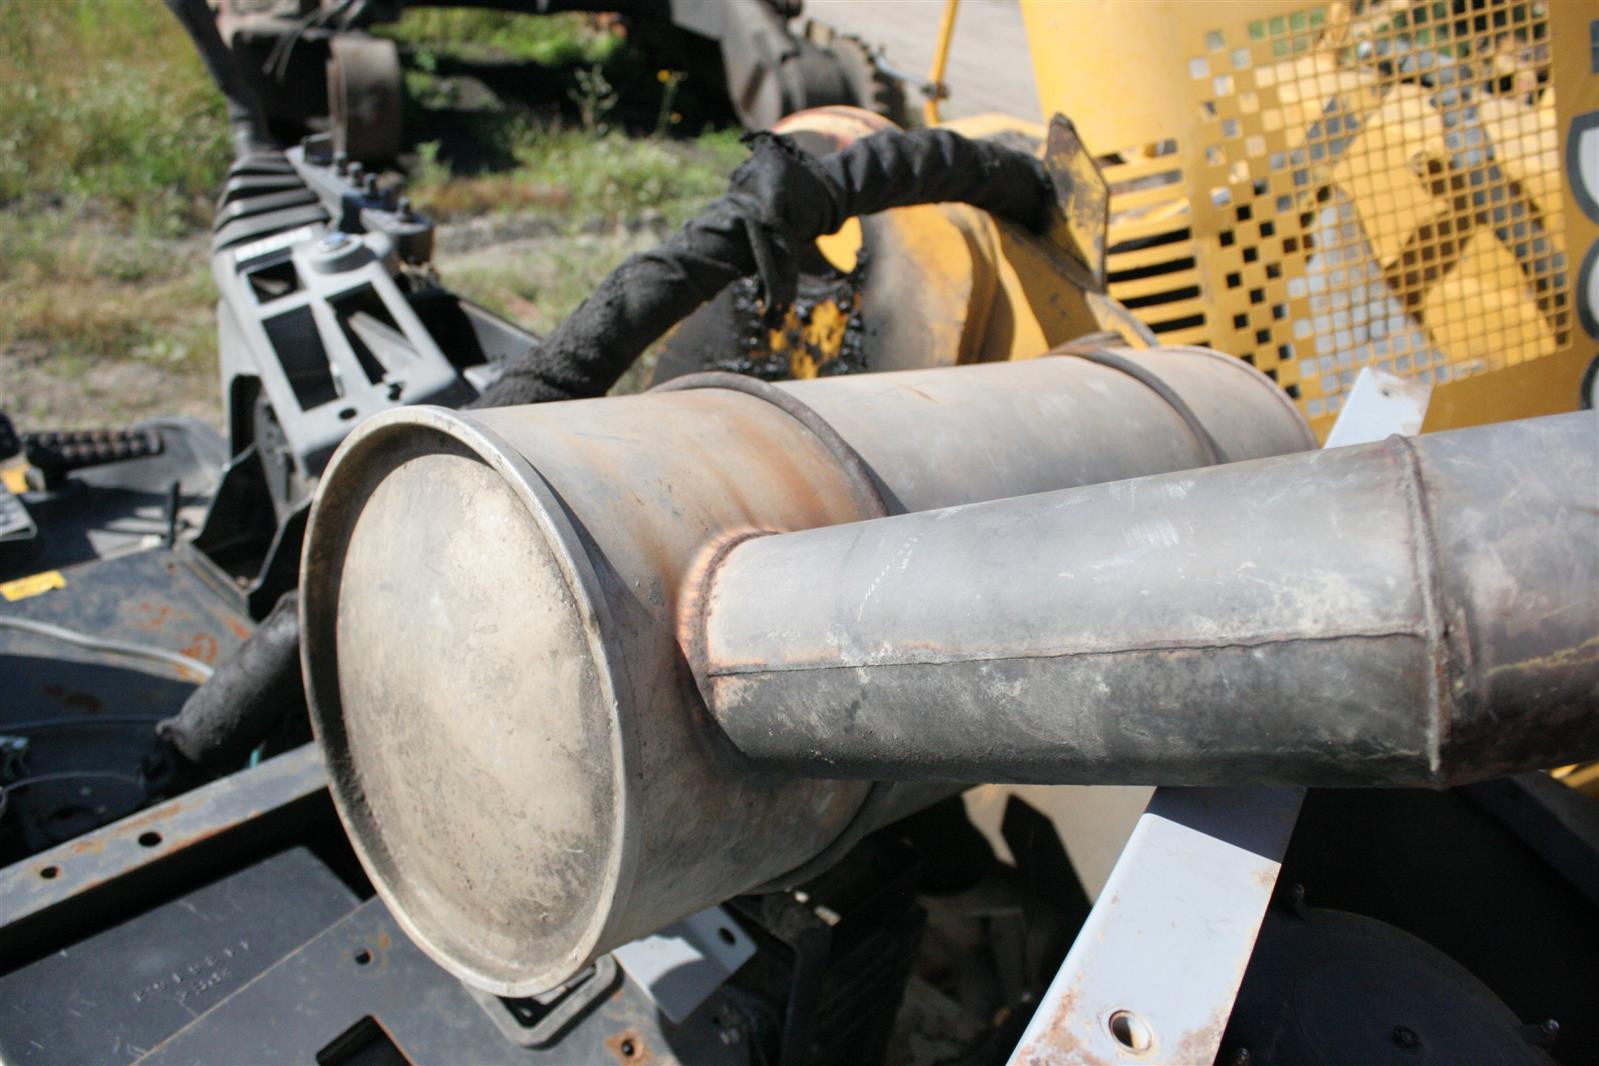 Mufflers - Heavy equipment parts